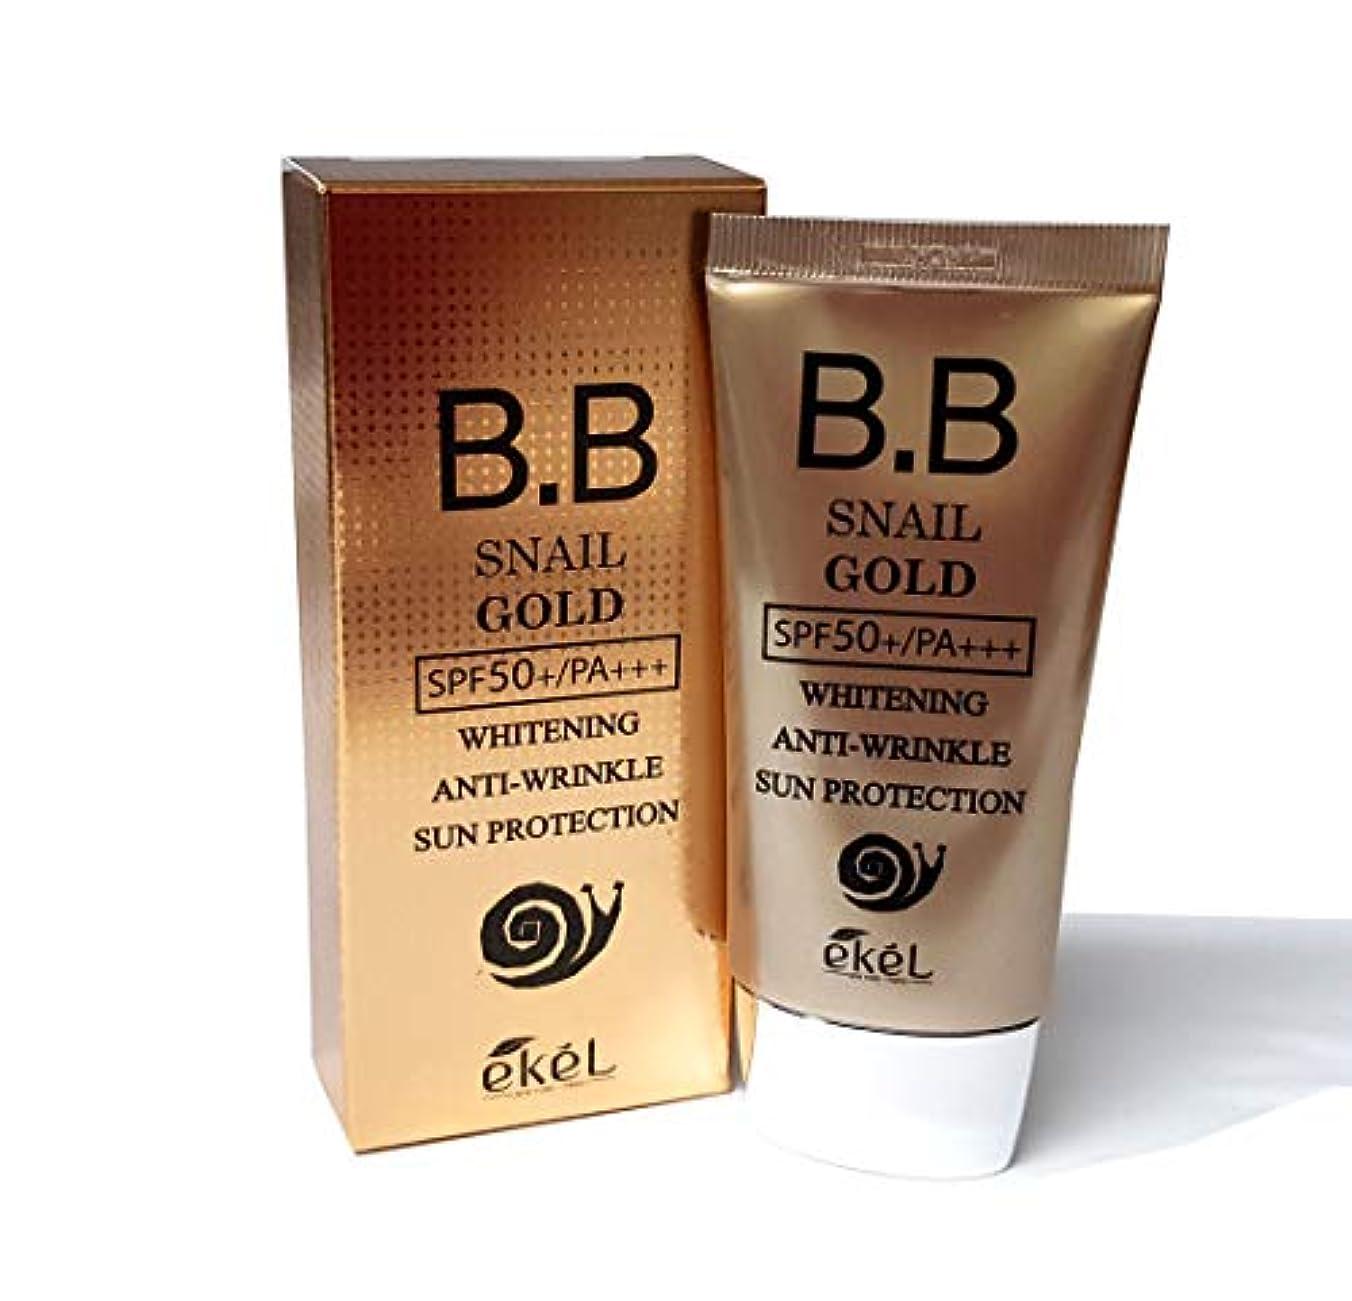 復活同意代表して[Ekel] カタツムリゴールドBB 50ml SPF50 + PA +++ / Snail Gold BB 50ml SPF50+PA+++ /ホワイトニング、UVカット/Whitening,UV protection...